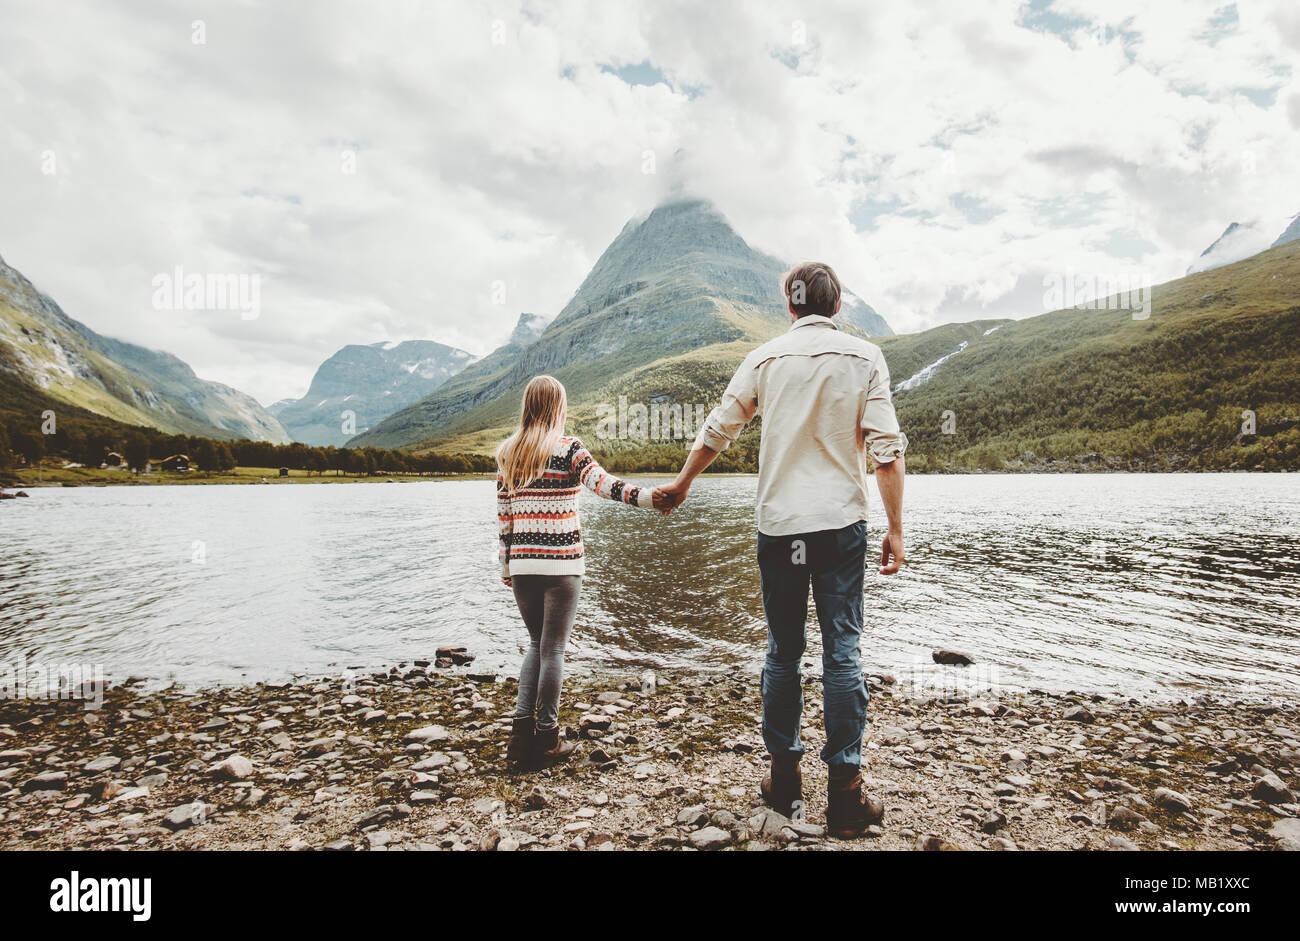 Giovane uomo e donna camminare insieme per mano godendo di montagne e lago di natura outback visualizza famiglia viaggi avventura concetto lifestyle vacat Immagini Stock